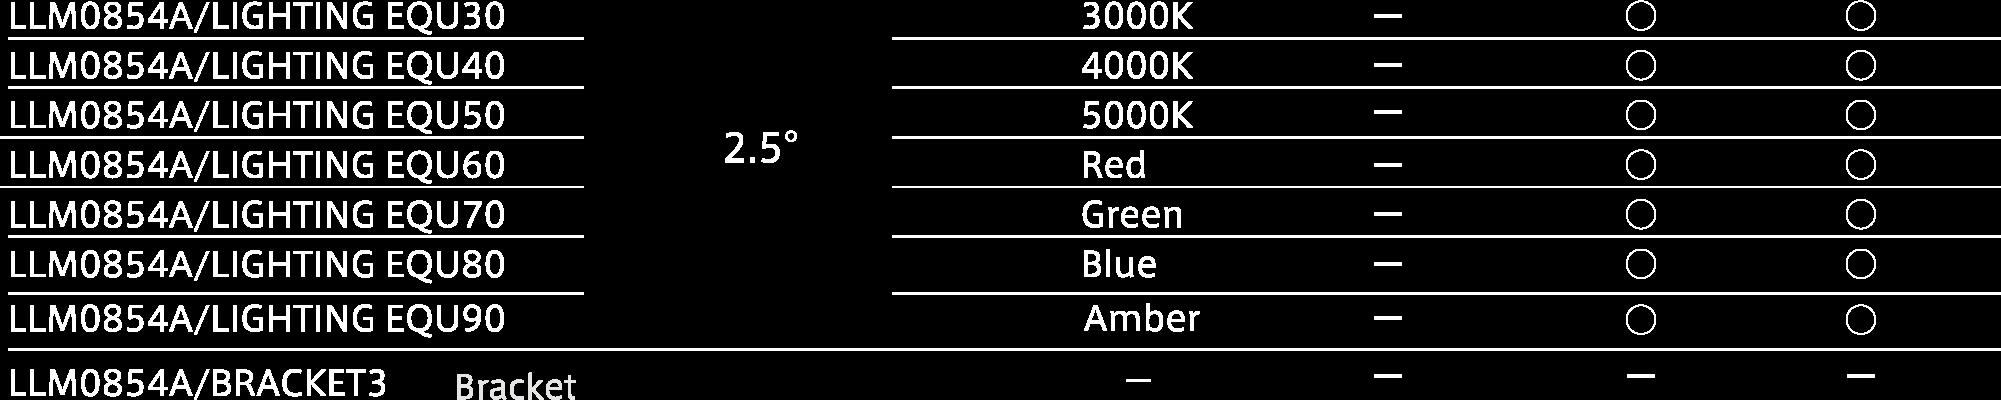 LLM0854A spec list